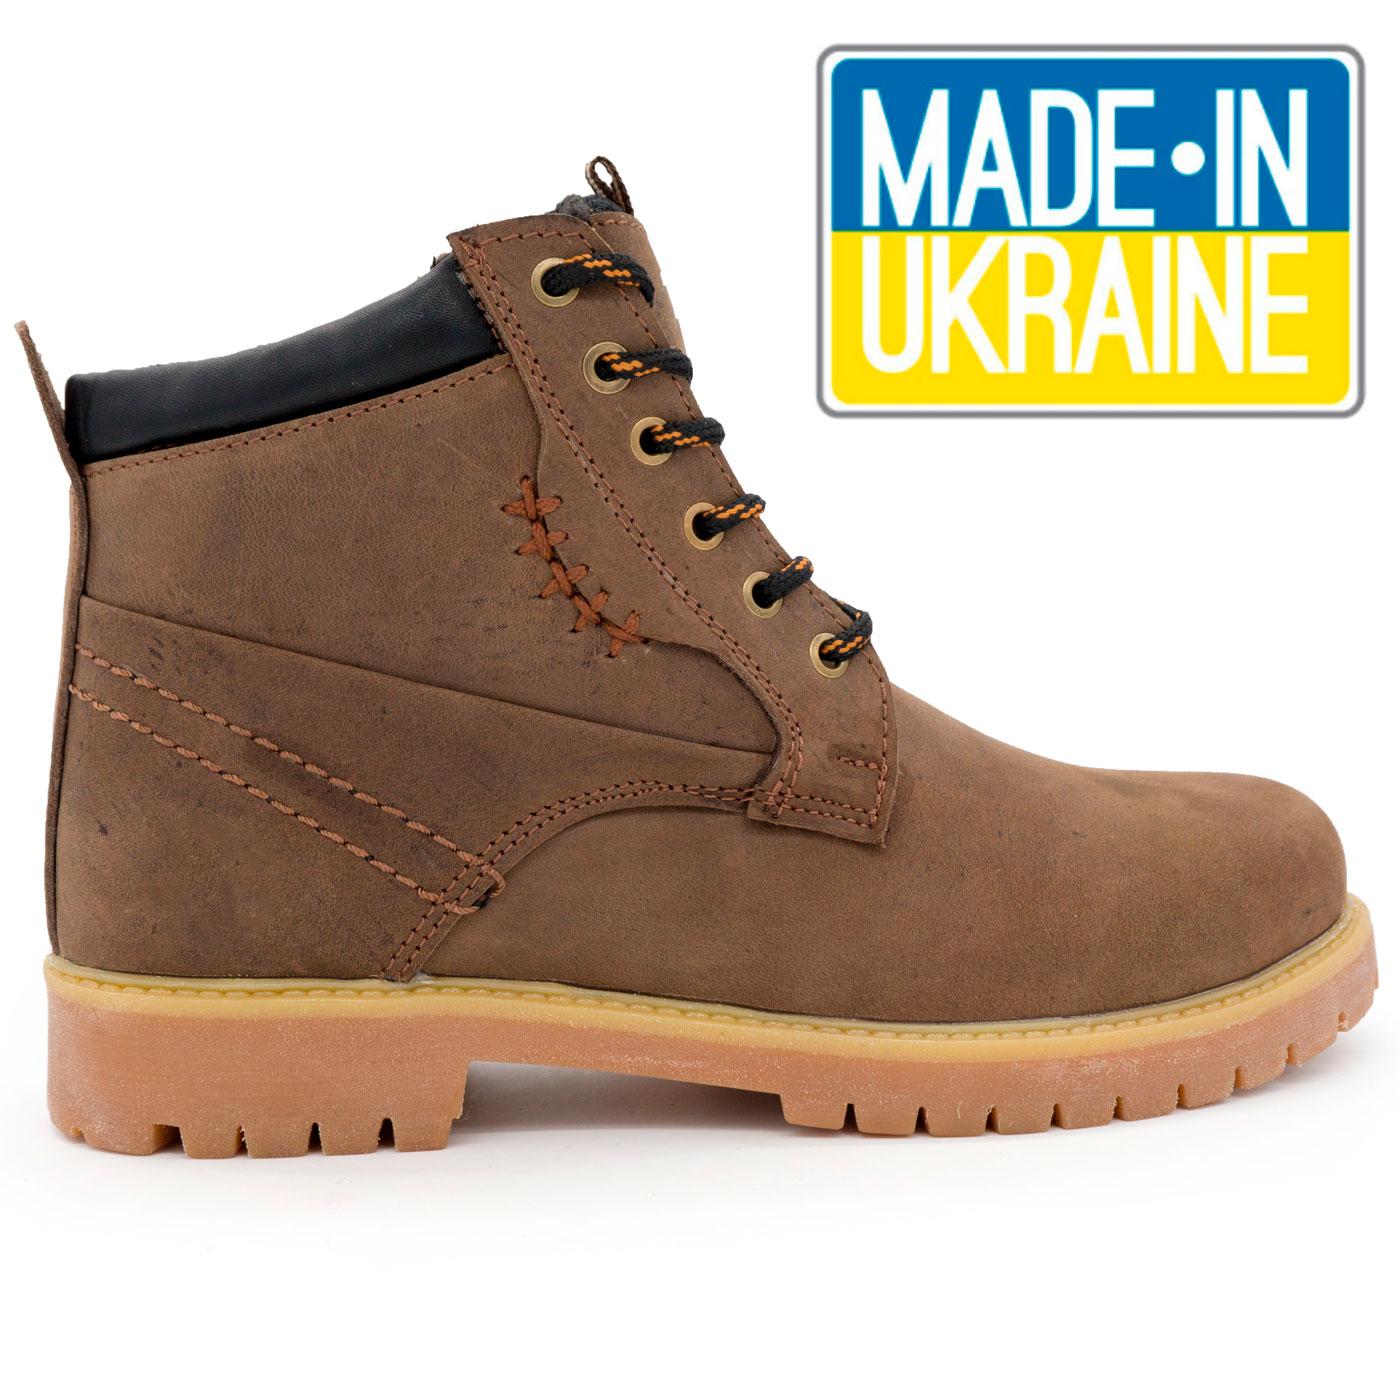 Женские ботинки Реплика Timberland коричневые 101 (сделано в Украине) 050e4e77c2d15